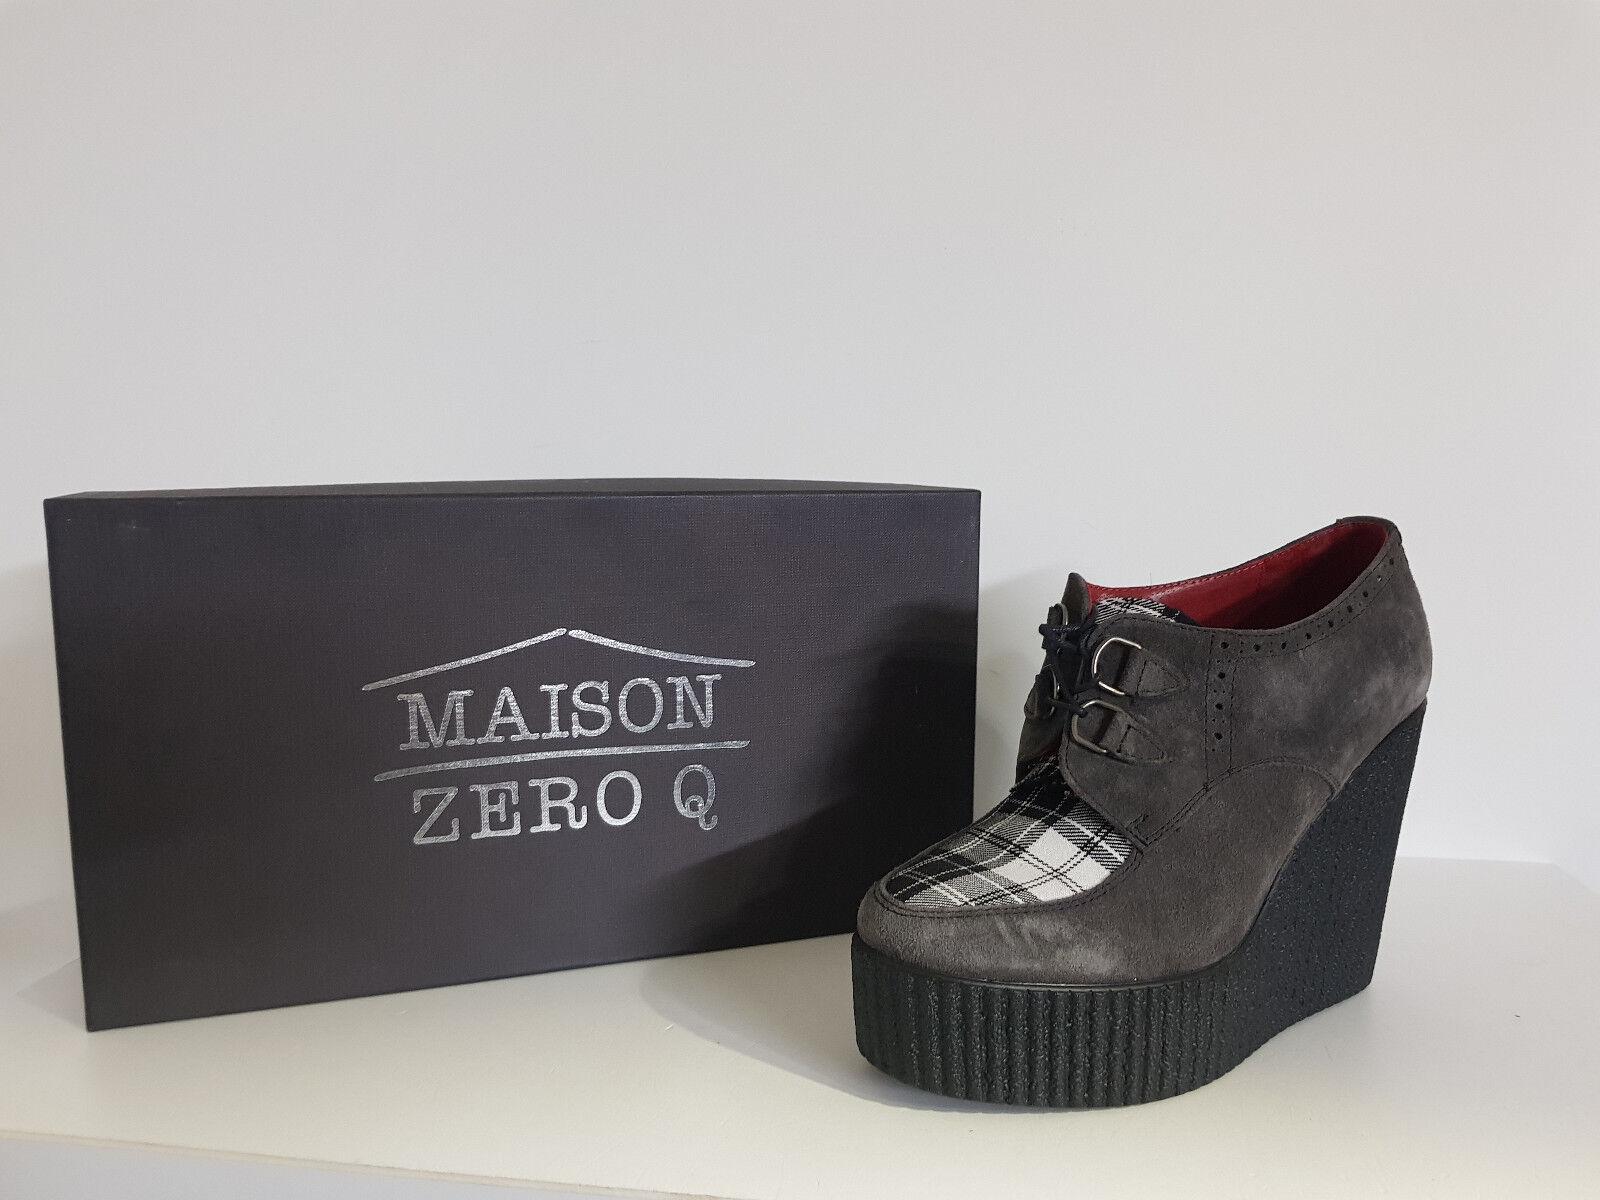 Damenschuh Maison Zero Q Rabatt. -75 % Art. zq 42507 col.grigio Schottisch